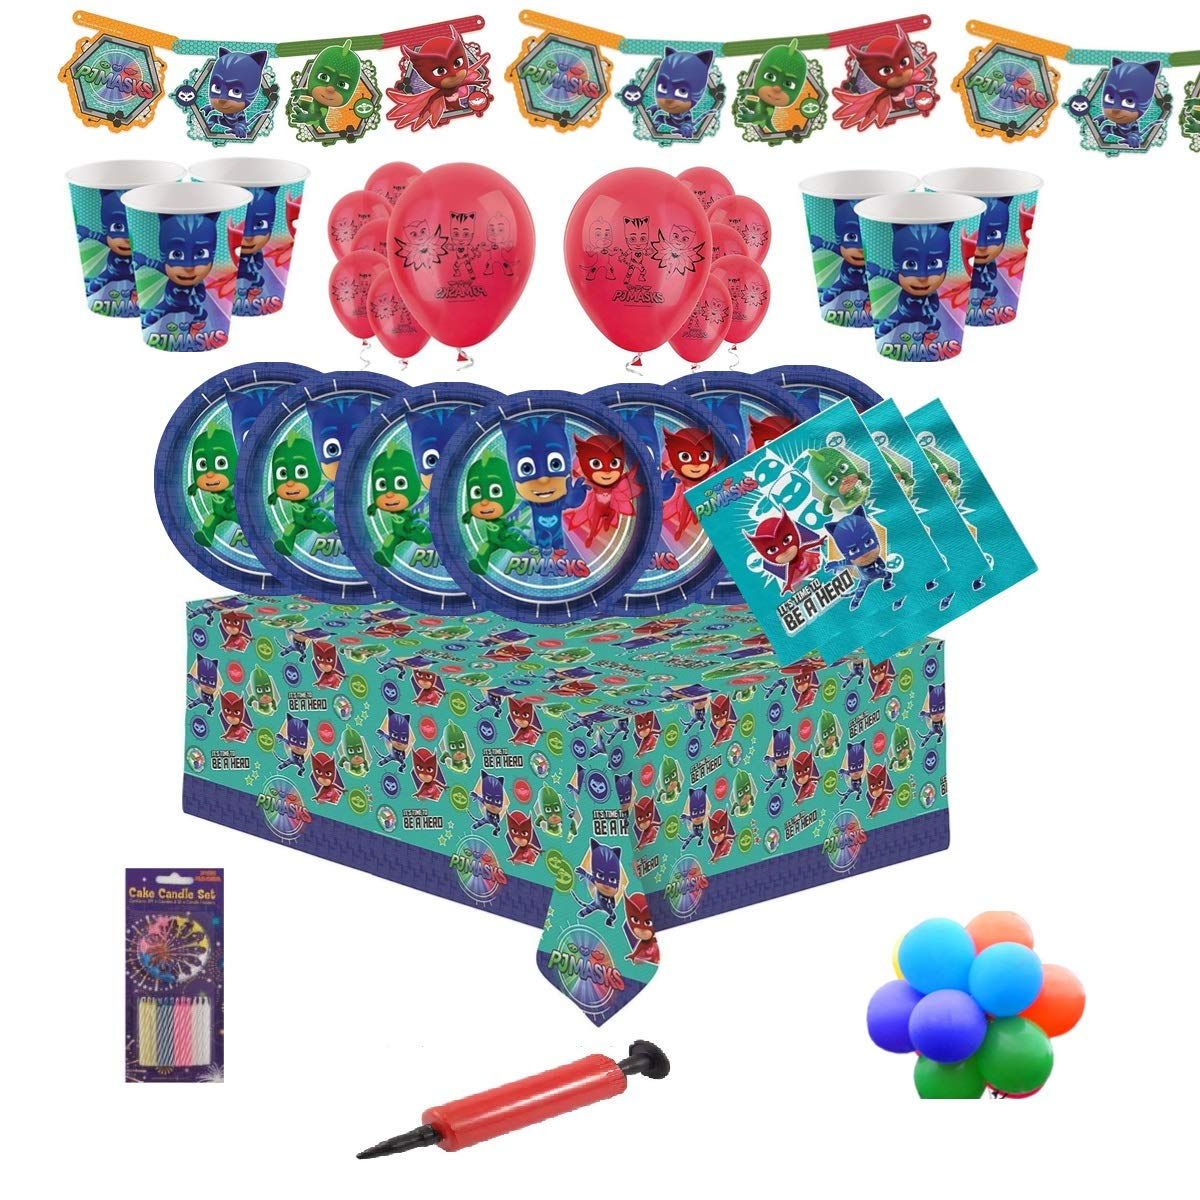 32 PJ Masks Party Vajilla Kit de fiesta infantil de cumplea/ños para 8 24 16 Globos y velas gratis